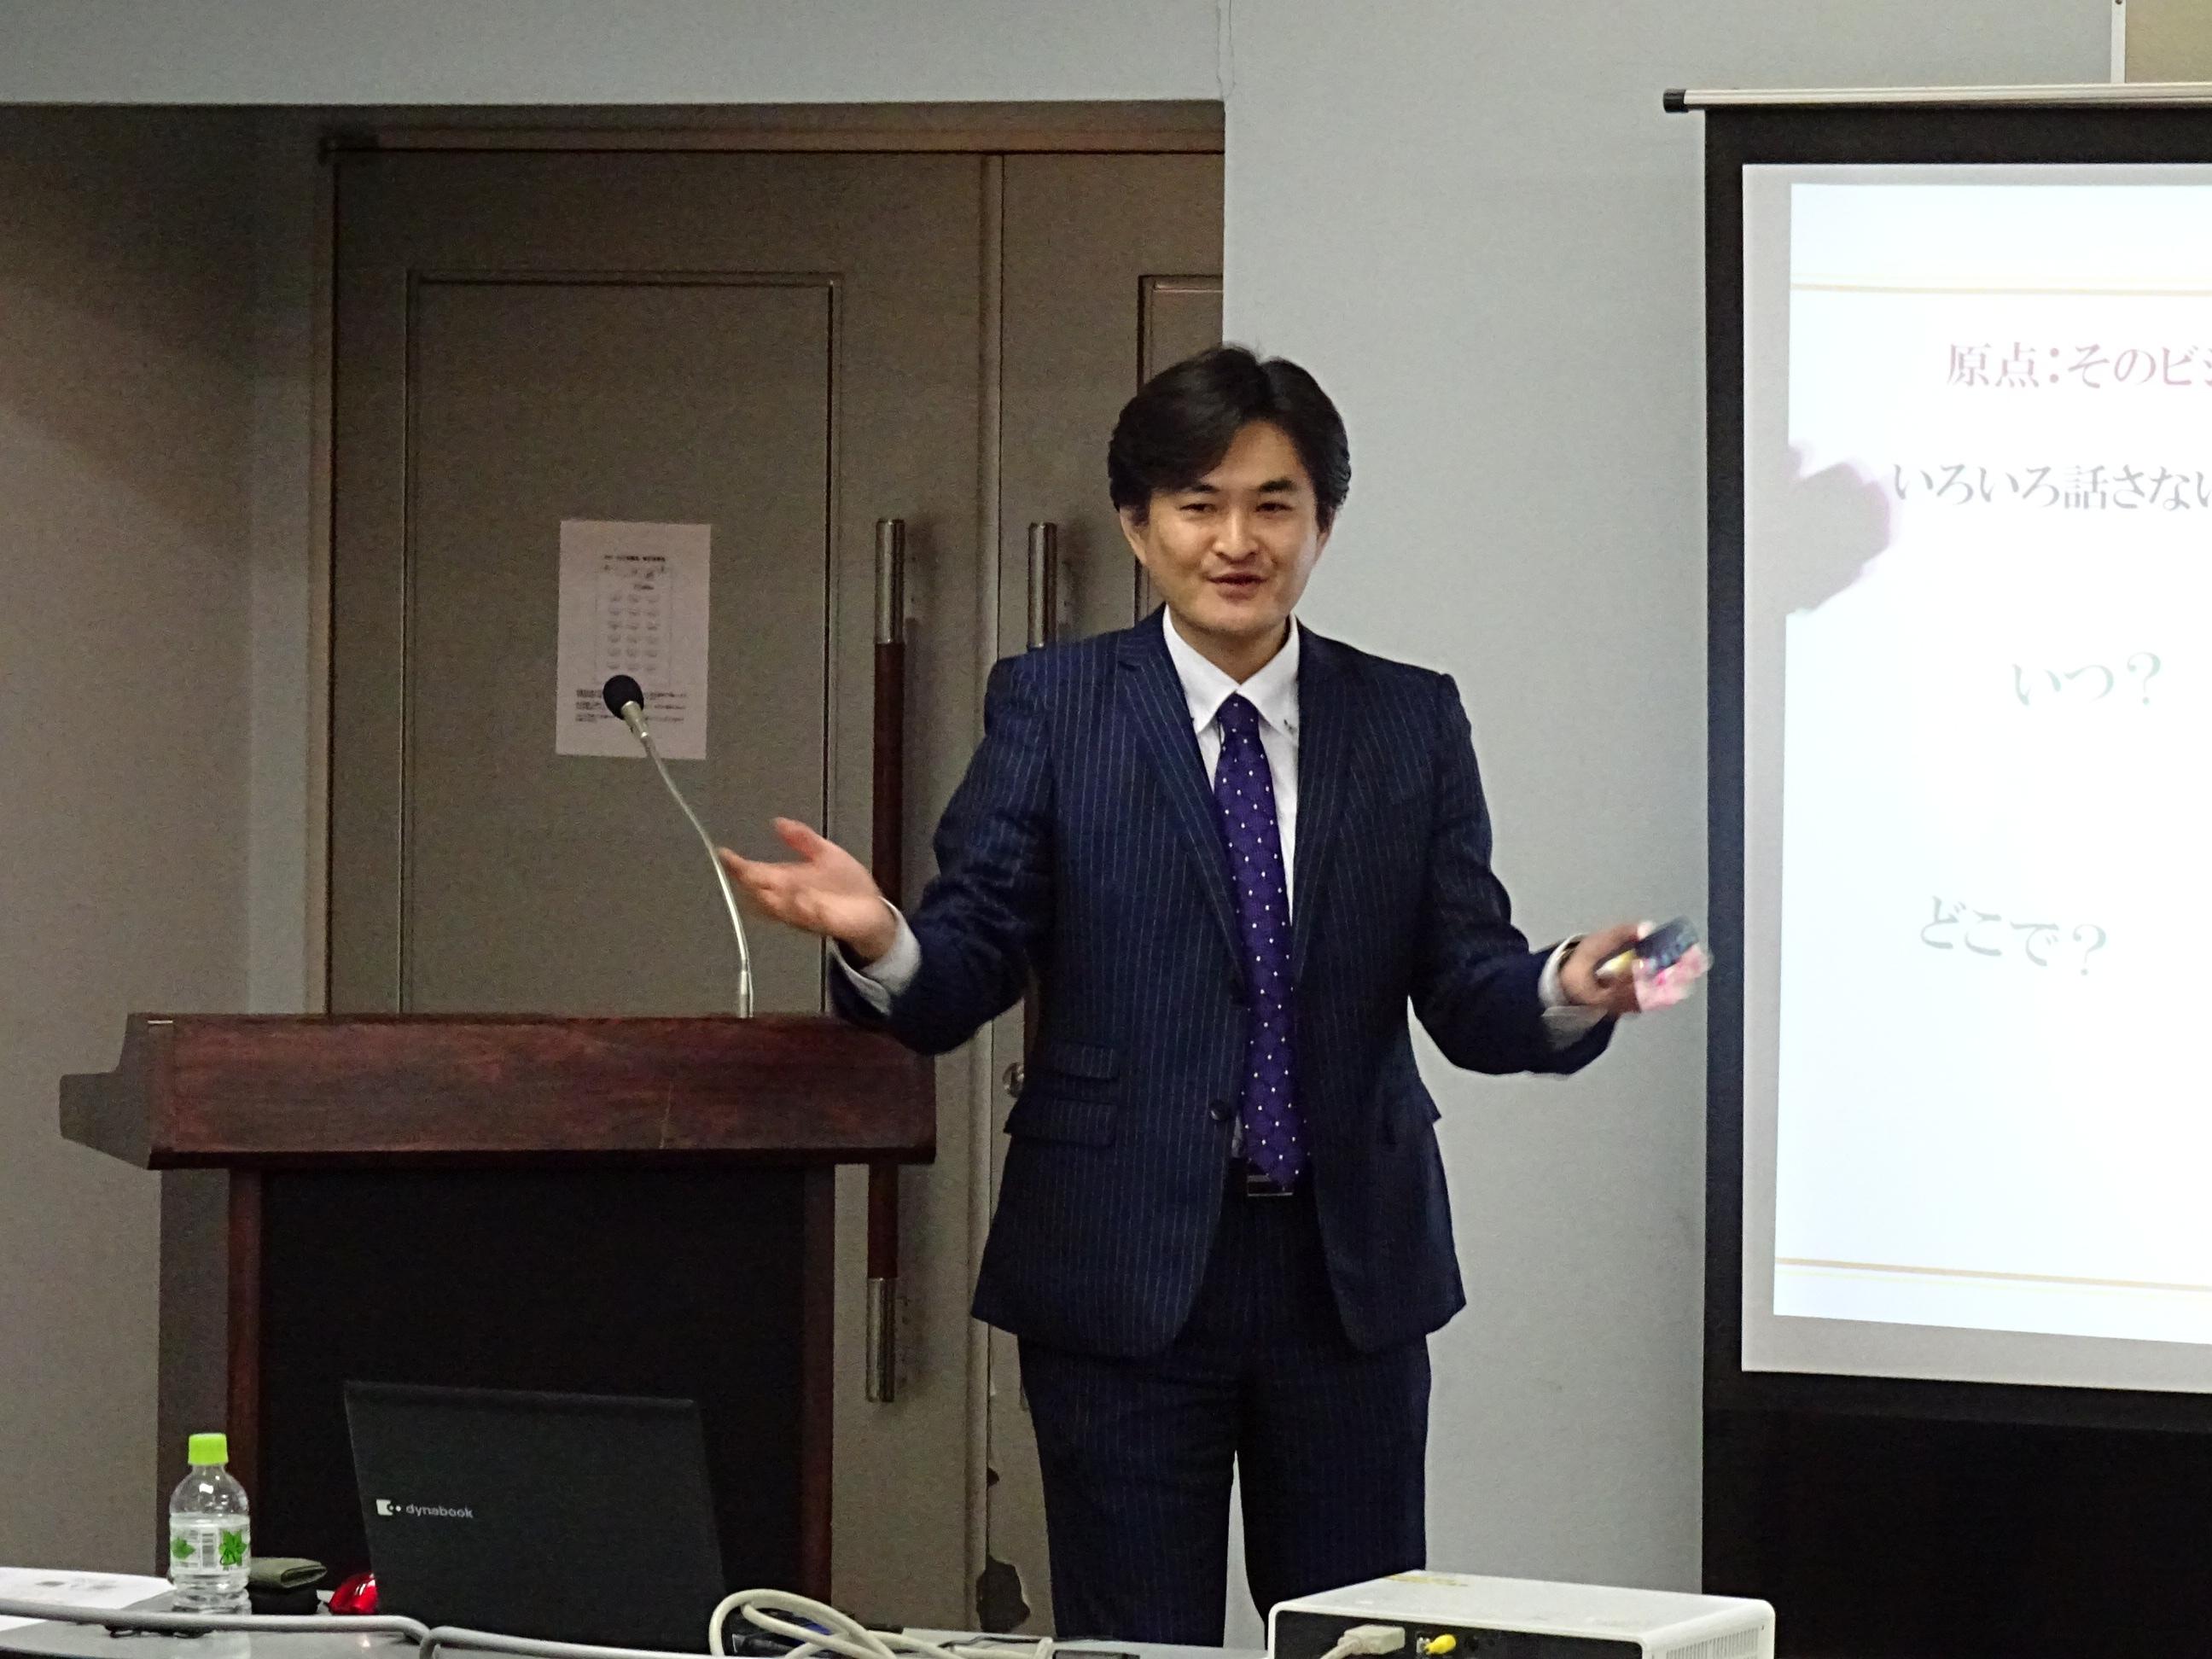 【北区】起業家向けプレゼンテーションセミナー画像02